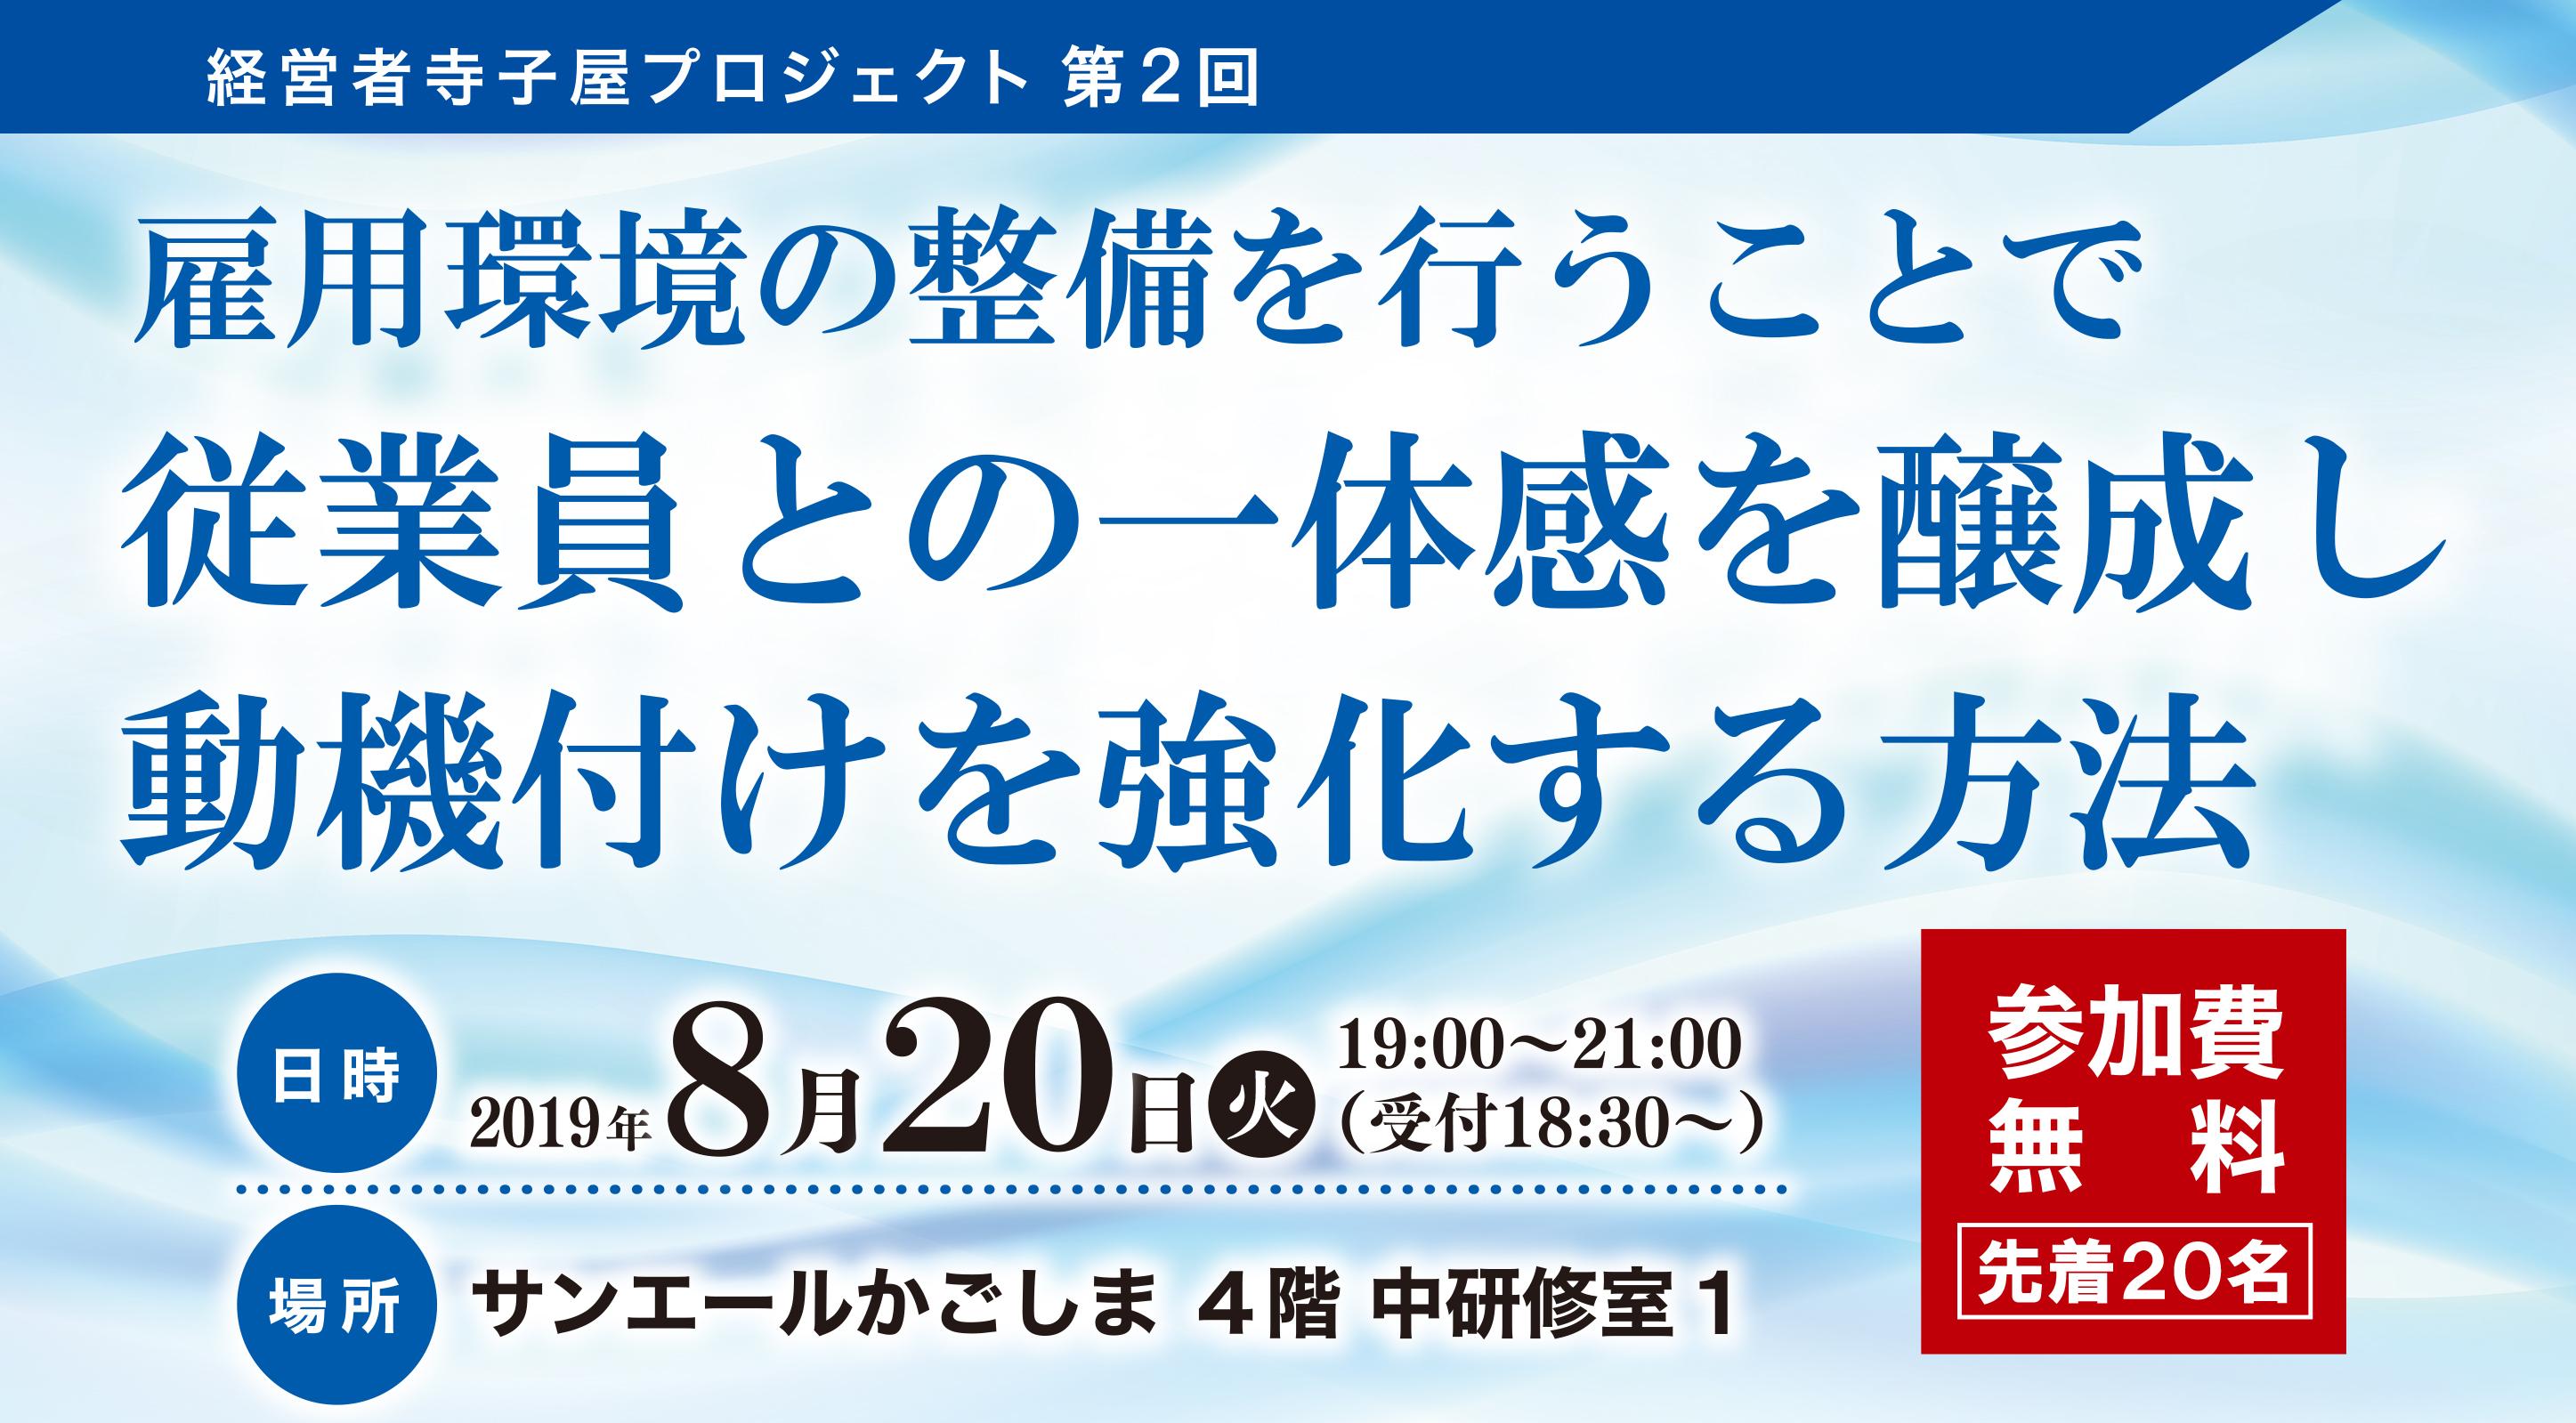 「経営者寺子屋プロジェクト」第2回 開催!